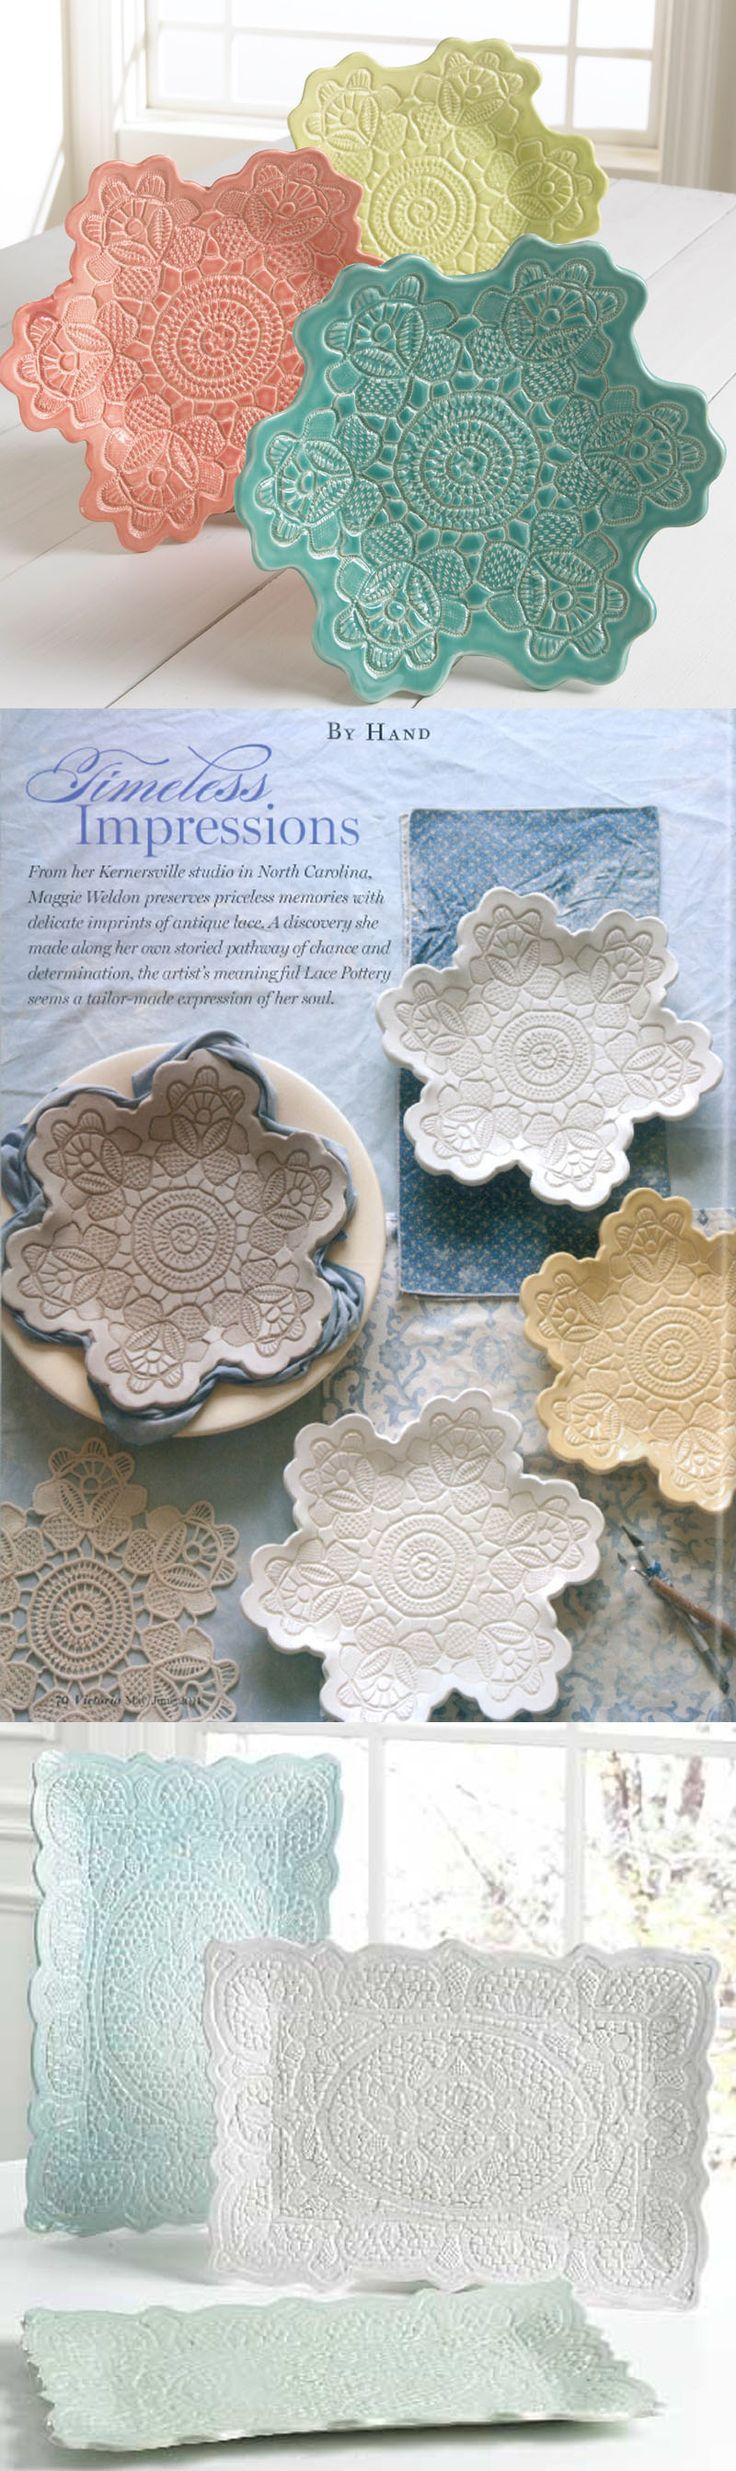 DIY lace pottery